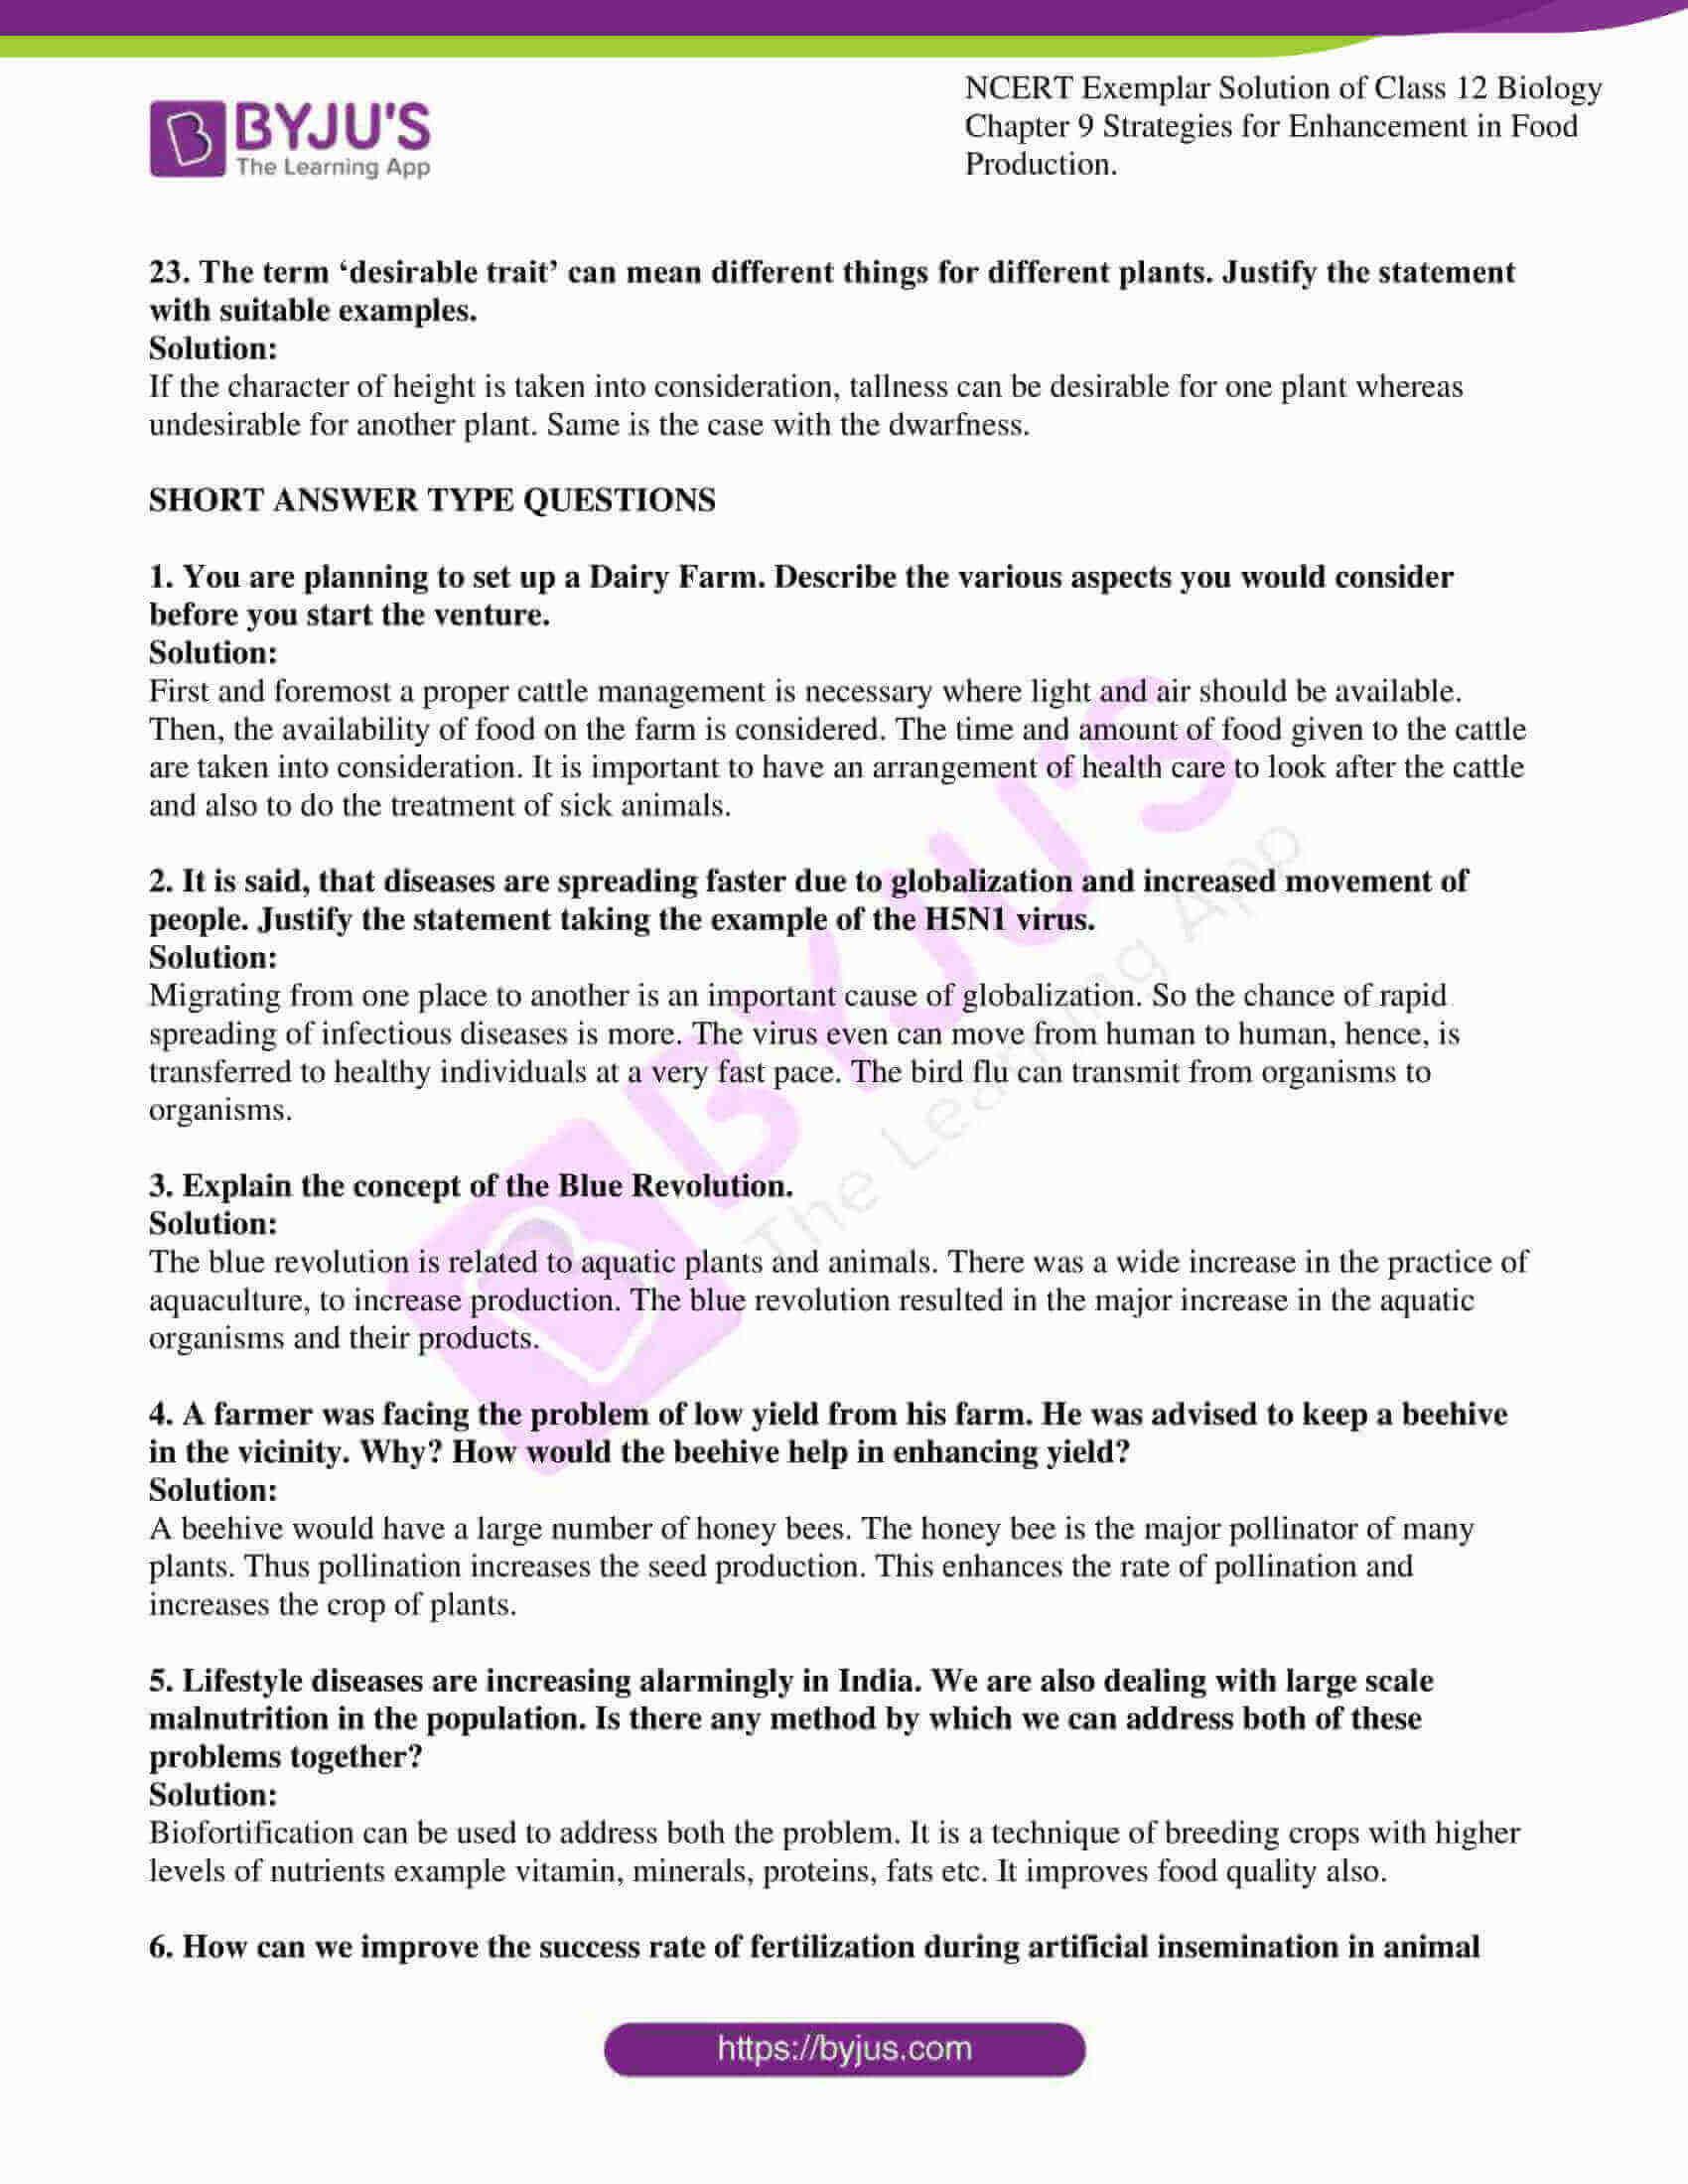 ncert exemplar solution of class 12 biology chapter 9 09